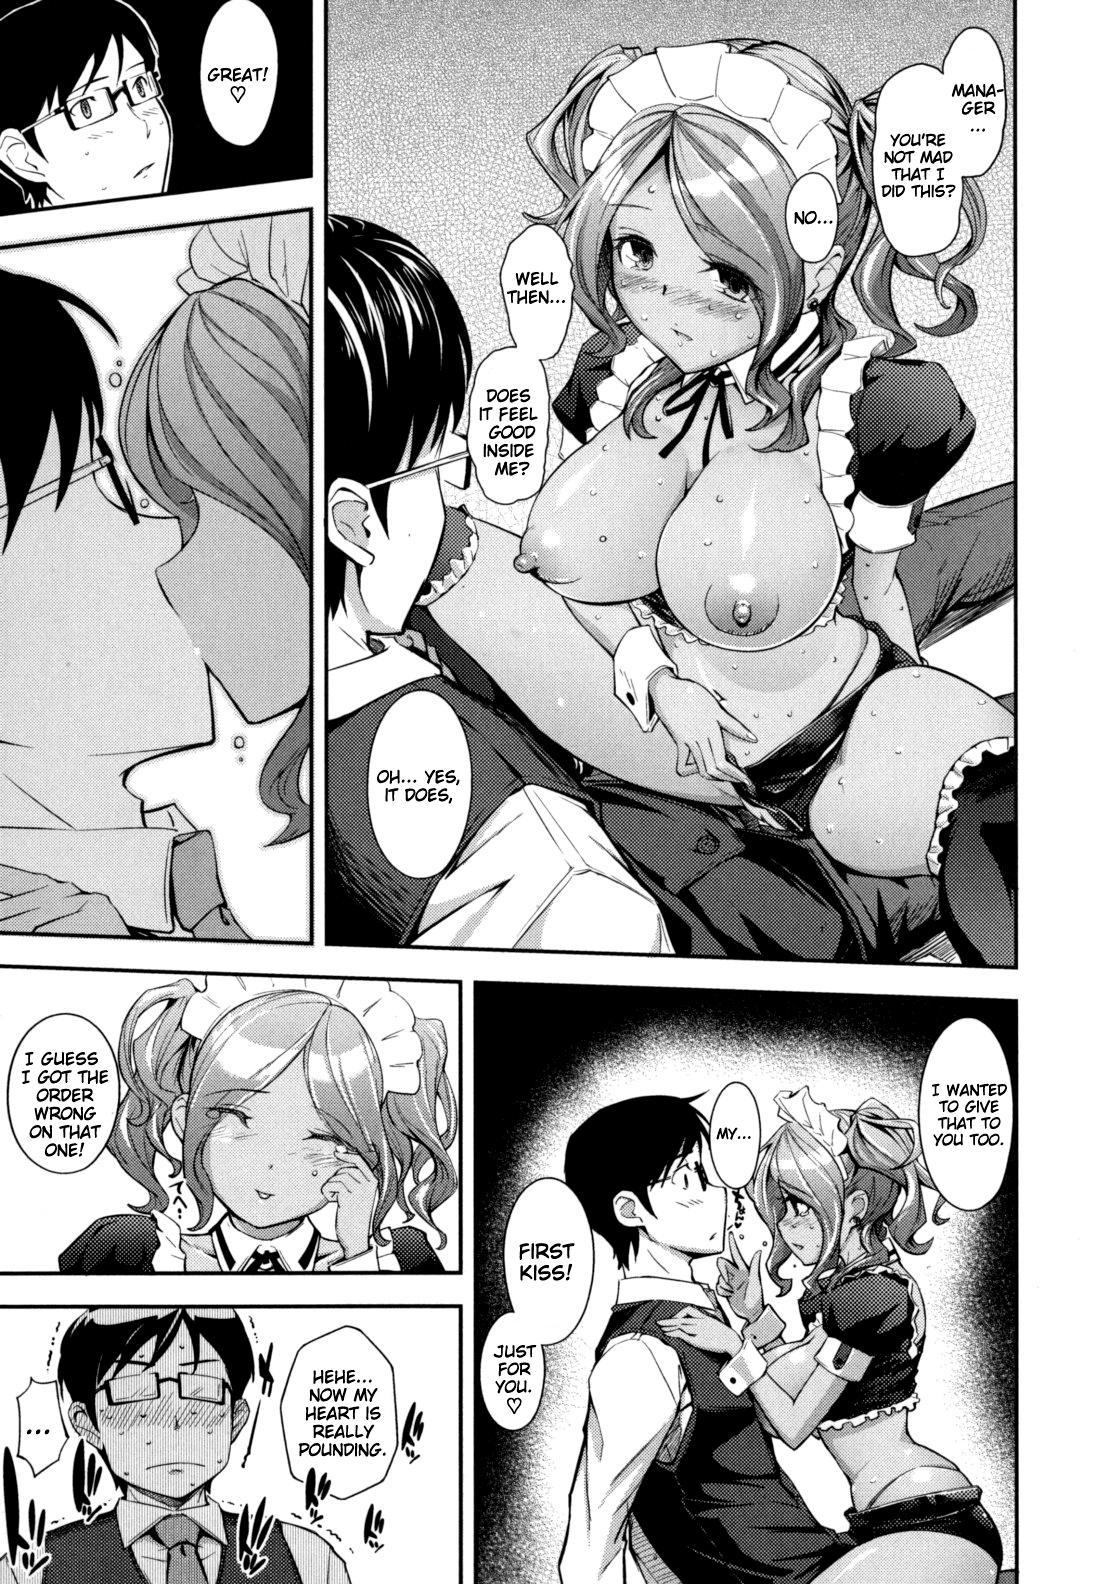 Boku no Watashi no Shitai Koto!   What You and I Want to do Together 60